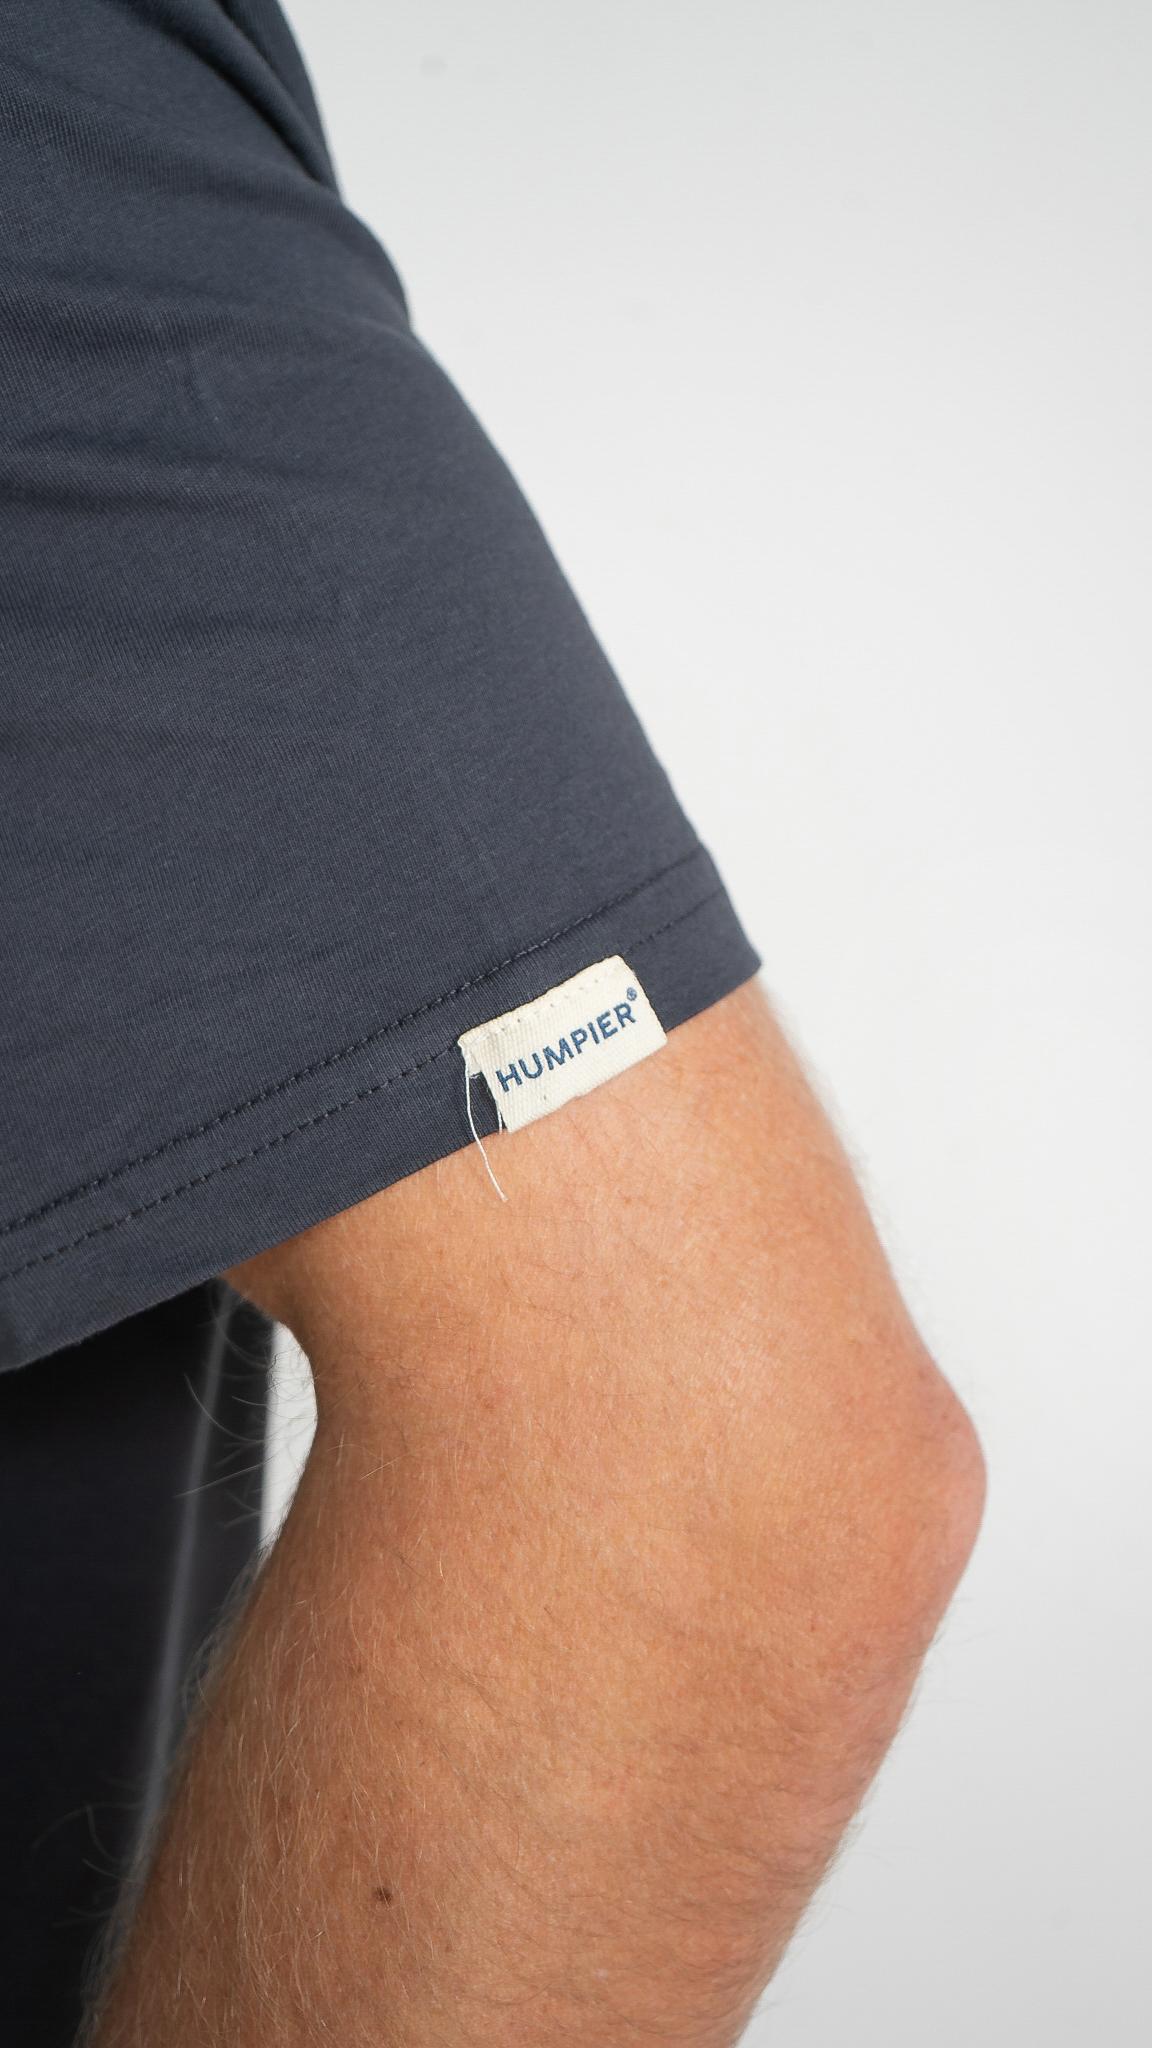 Camiseta Pow Pow | Humpier | Edición limitada